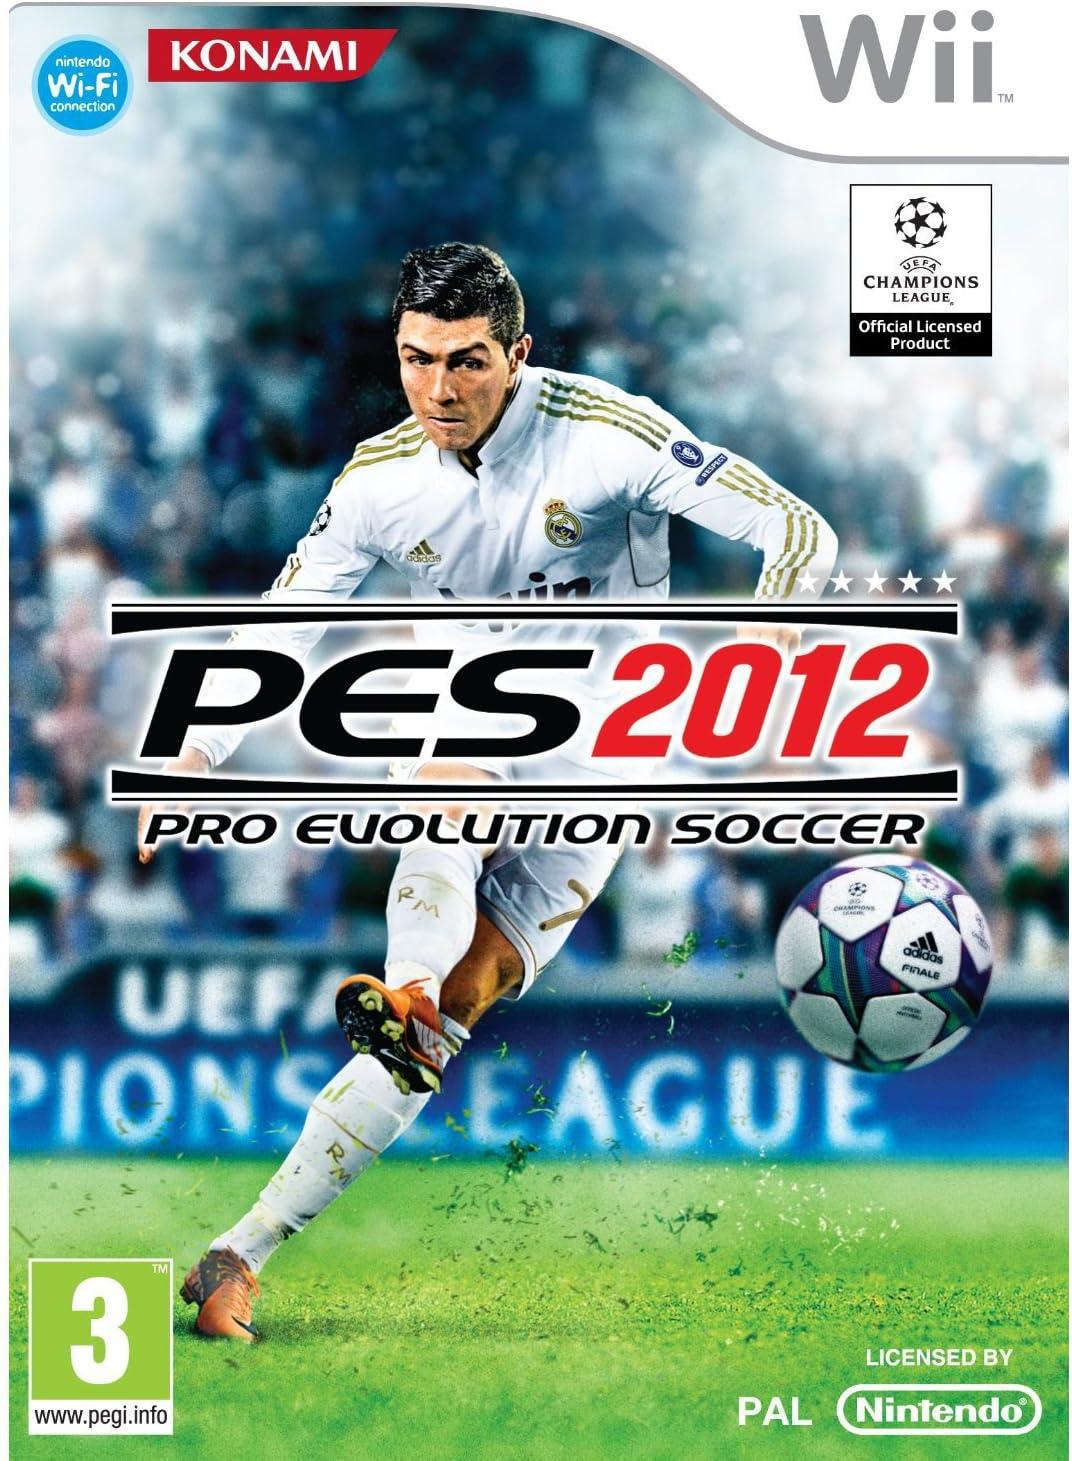 Juego Pro evolution soccer: Amazon.es: Videojuegos